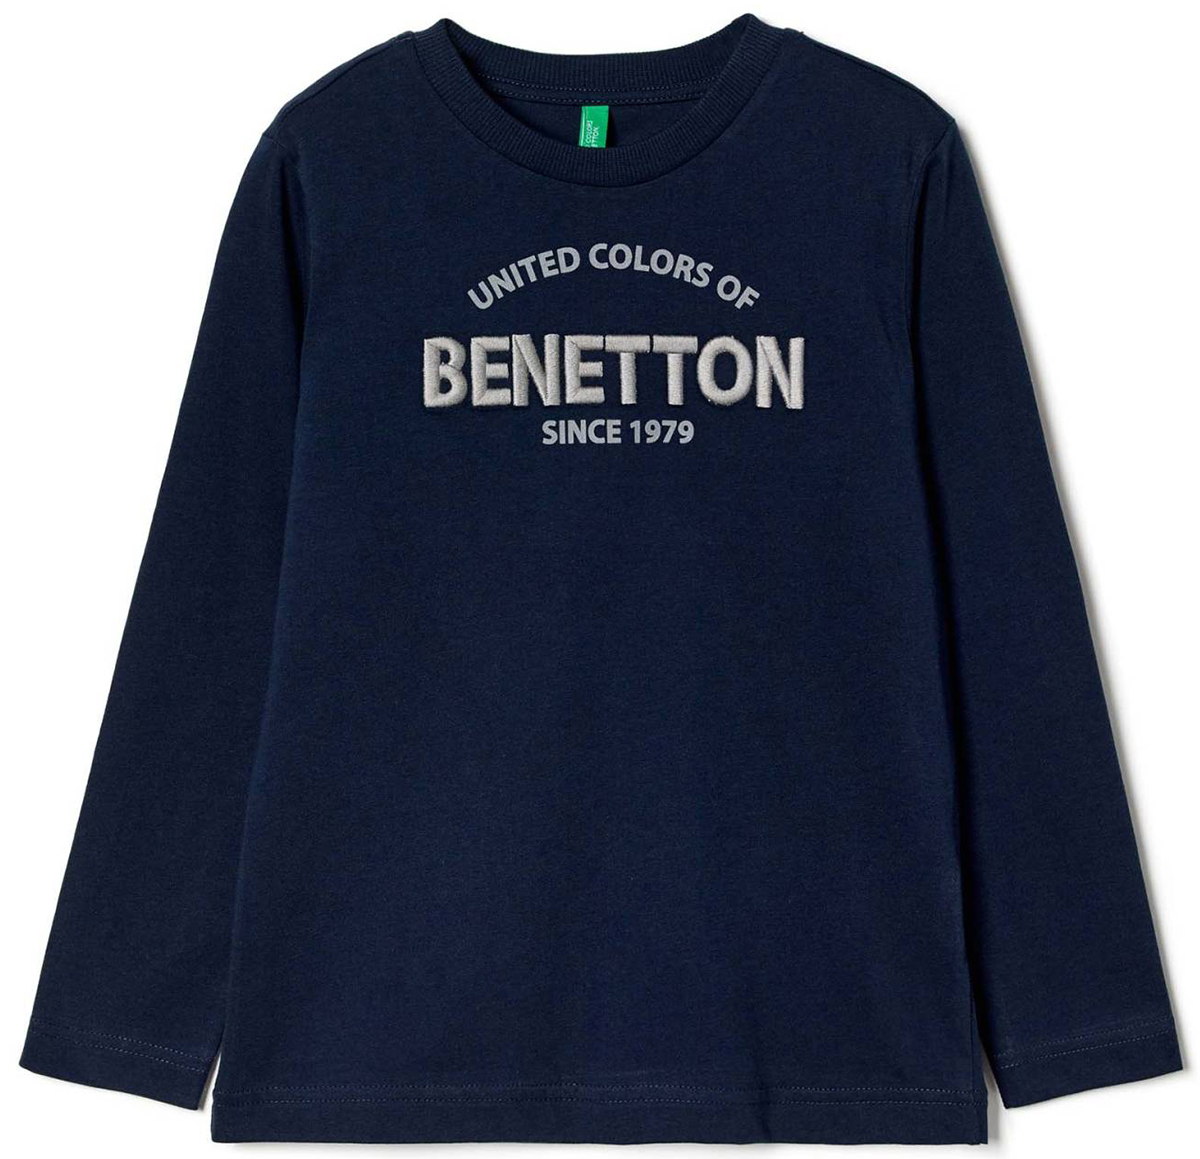 Майка для мальчиков United Colors of Benetton, цвет: синий. 3096C13GW_33M. Размер 1603096C13GW_33M